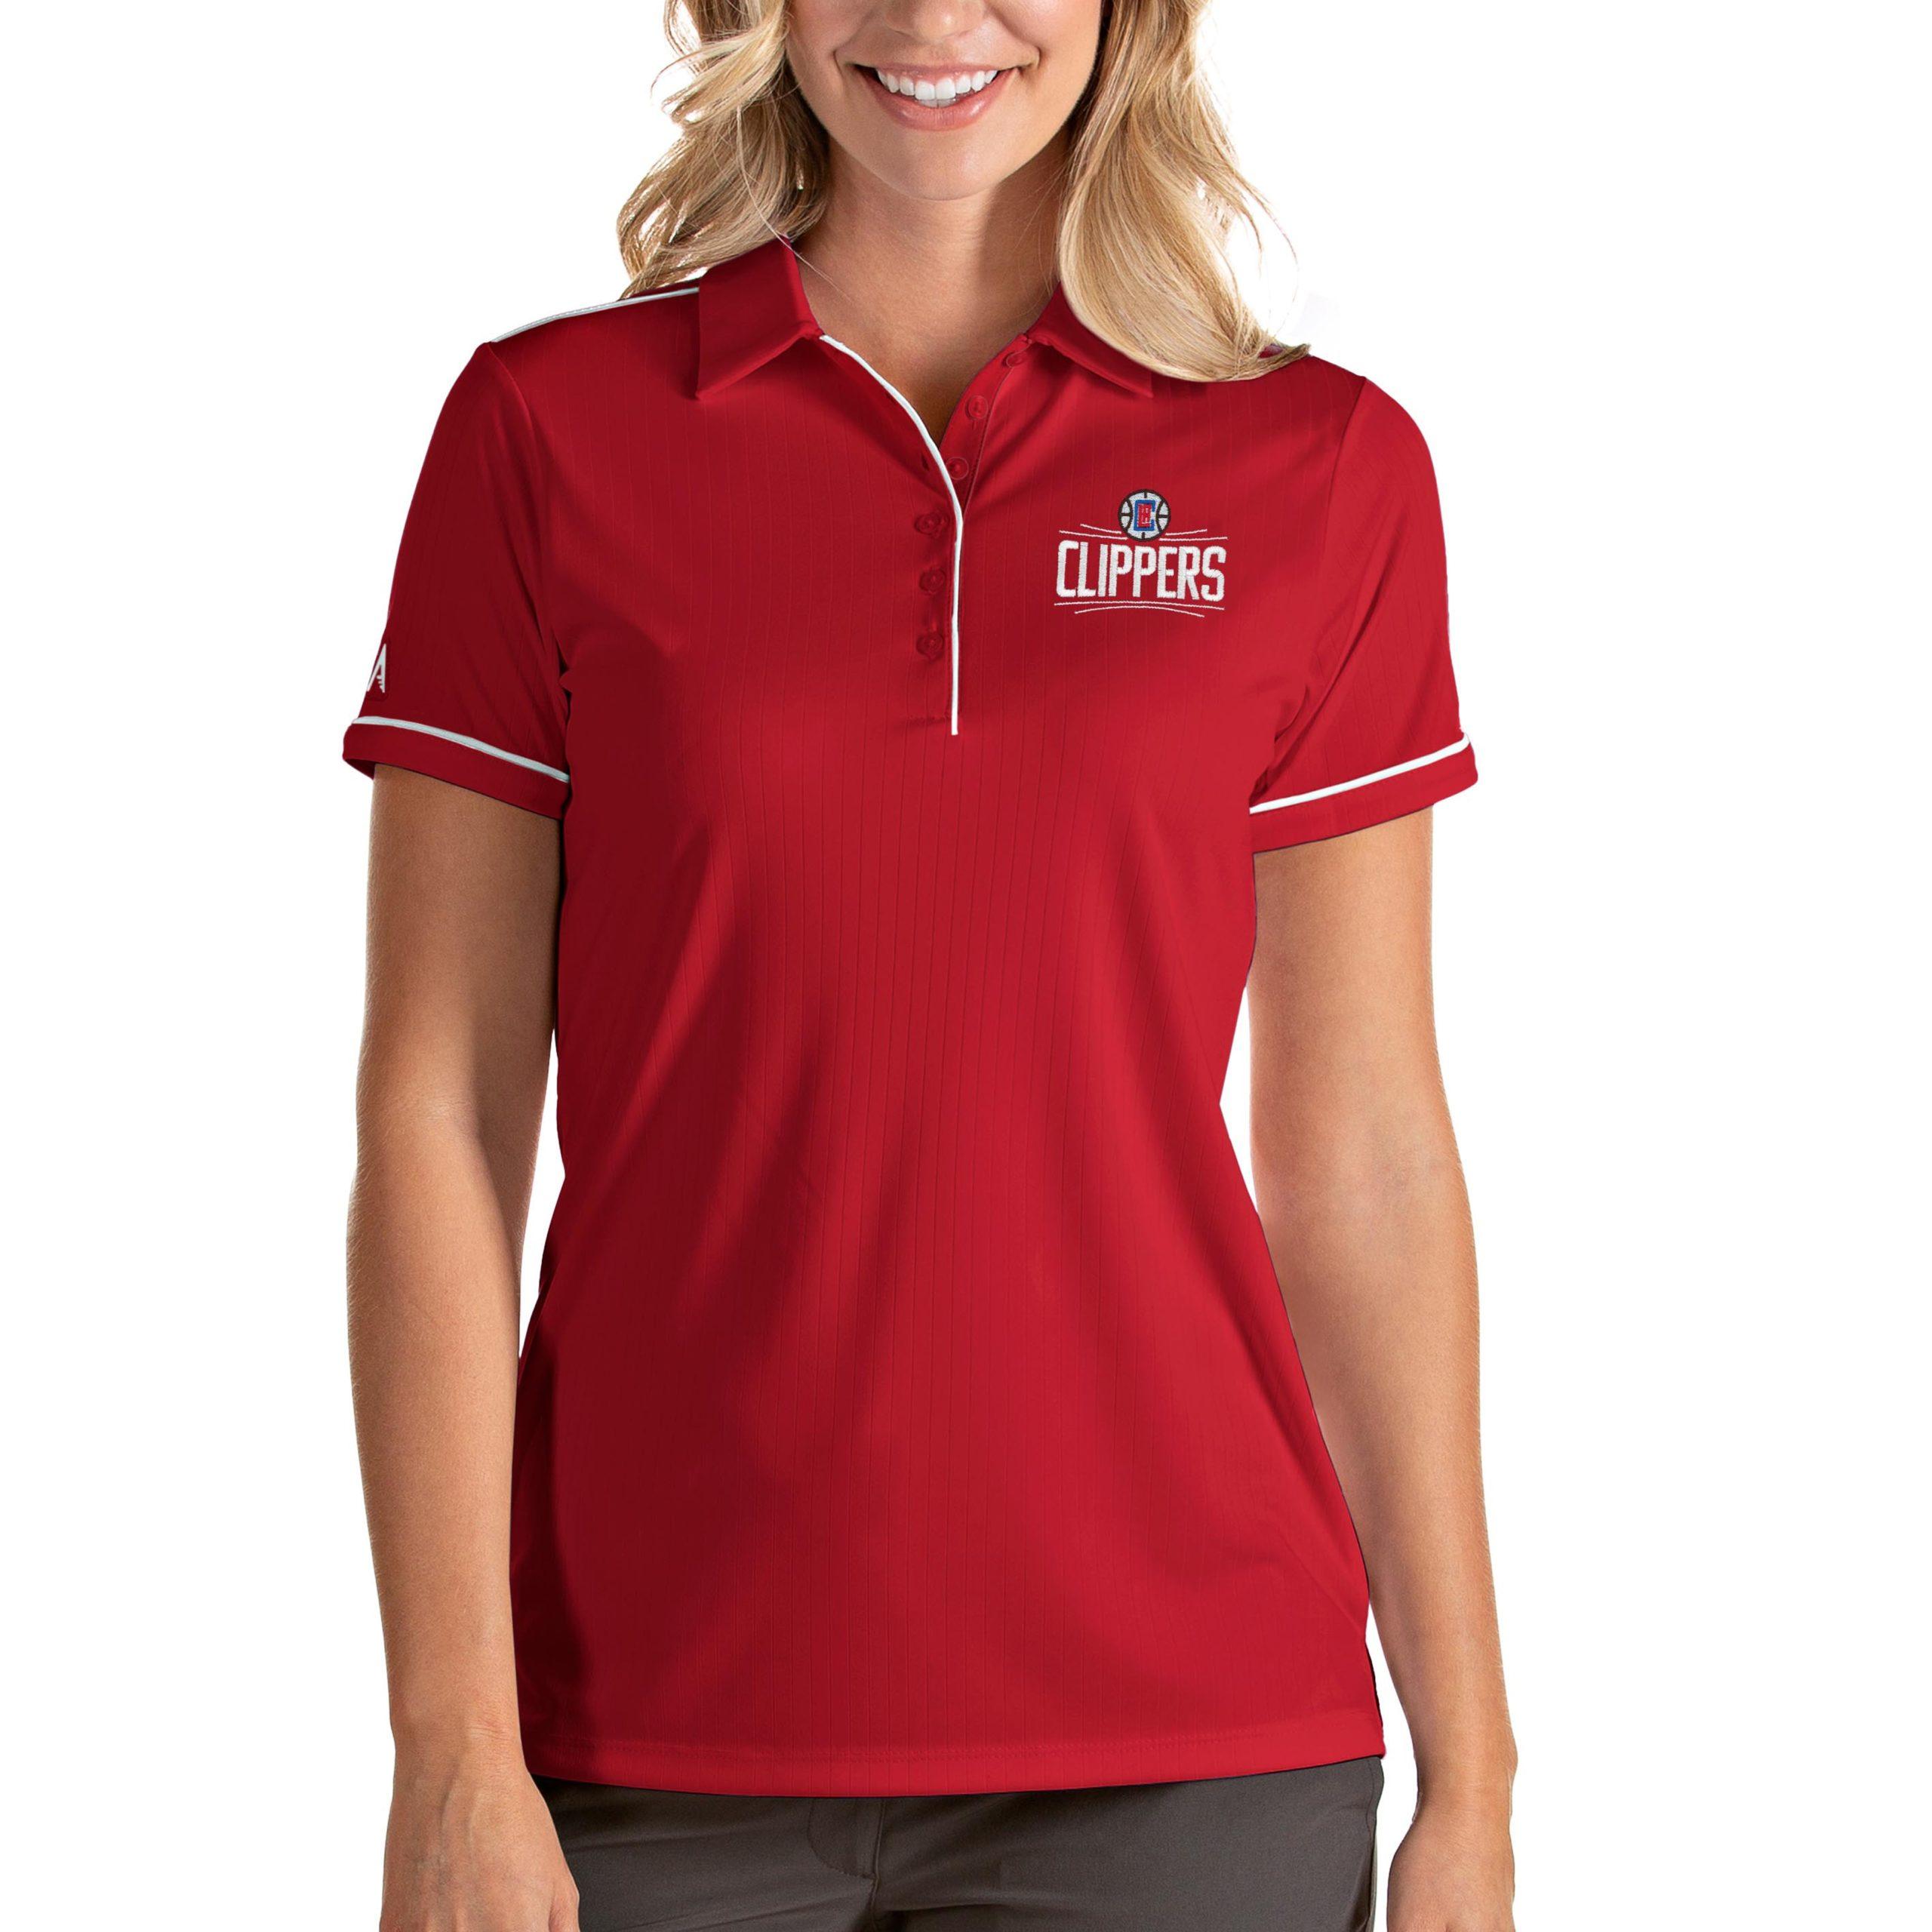 LA Clippers Antigua Women's Salute Polo - Red/White